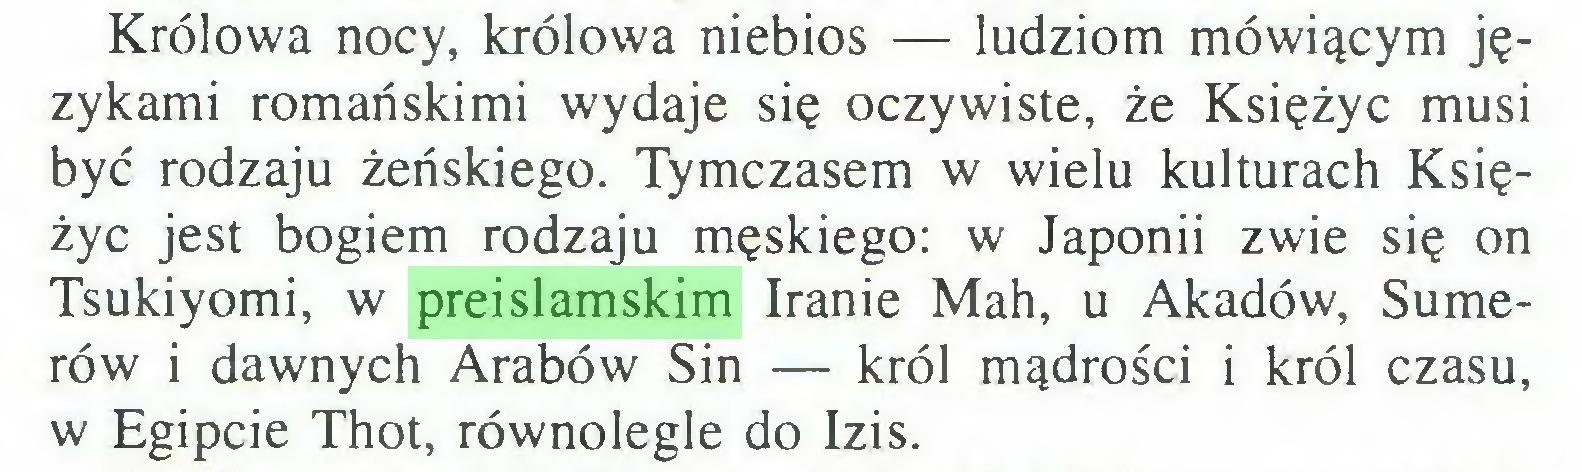 (...) Królowa nocy, królowa niebios — ludziom mówiącym językami romańskimi wydaje się oczywiste, że Księżyc musi być rodzaju żeńskiego. Tymczasem w wielu kulturach Księżyc jest bogiem rodzaju męskiego: w Japonii zwie się on Tsukiyomi, w preislamskim Iranie Mah, u Akadów, Sumerów i dawnych Arabów Sin — król mądrości i król czasu, w Egipcie Thot, równolegle do Izis...